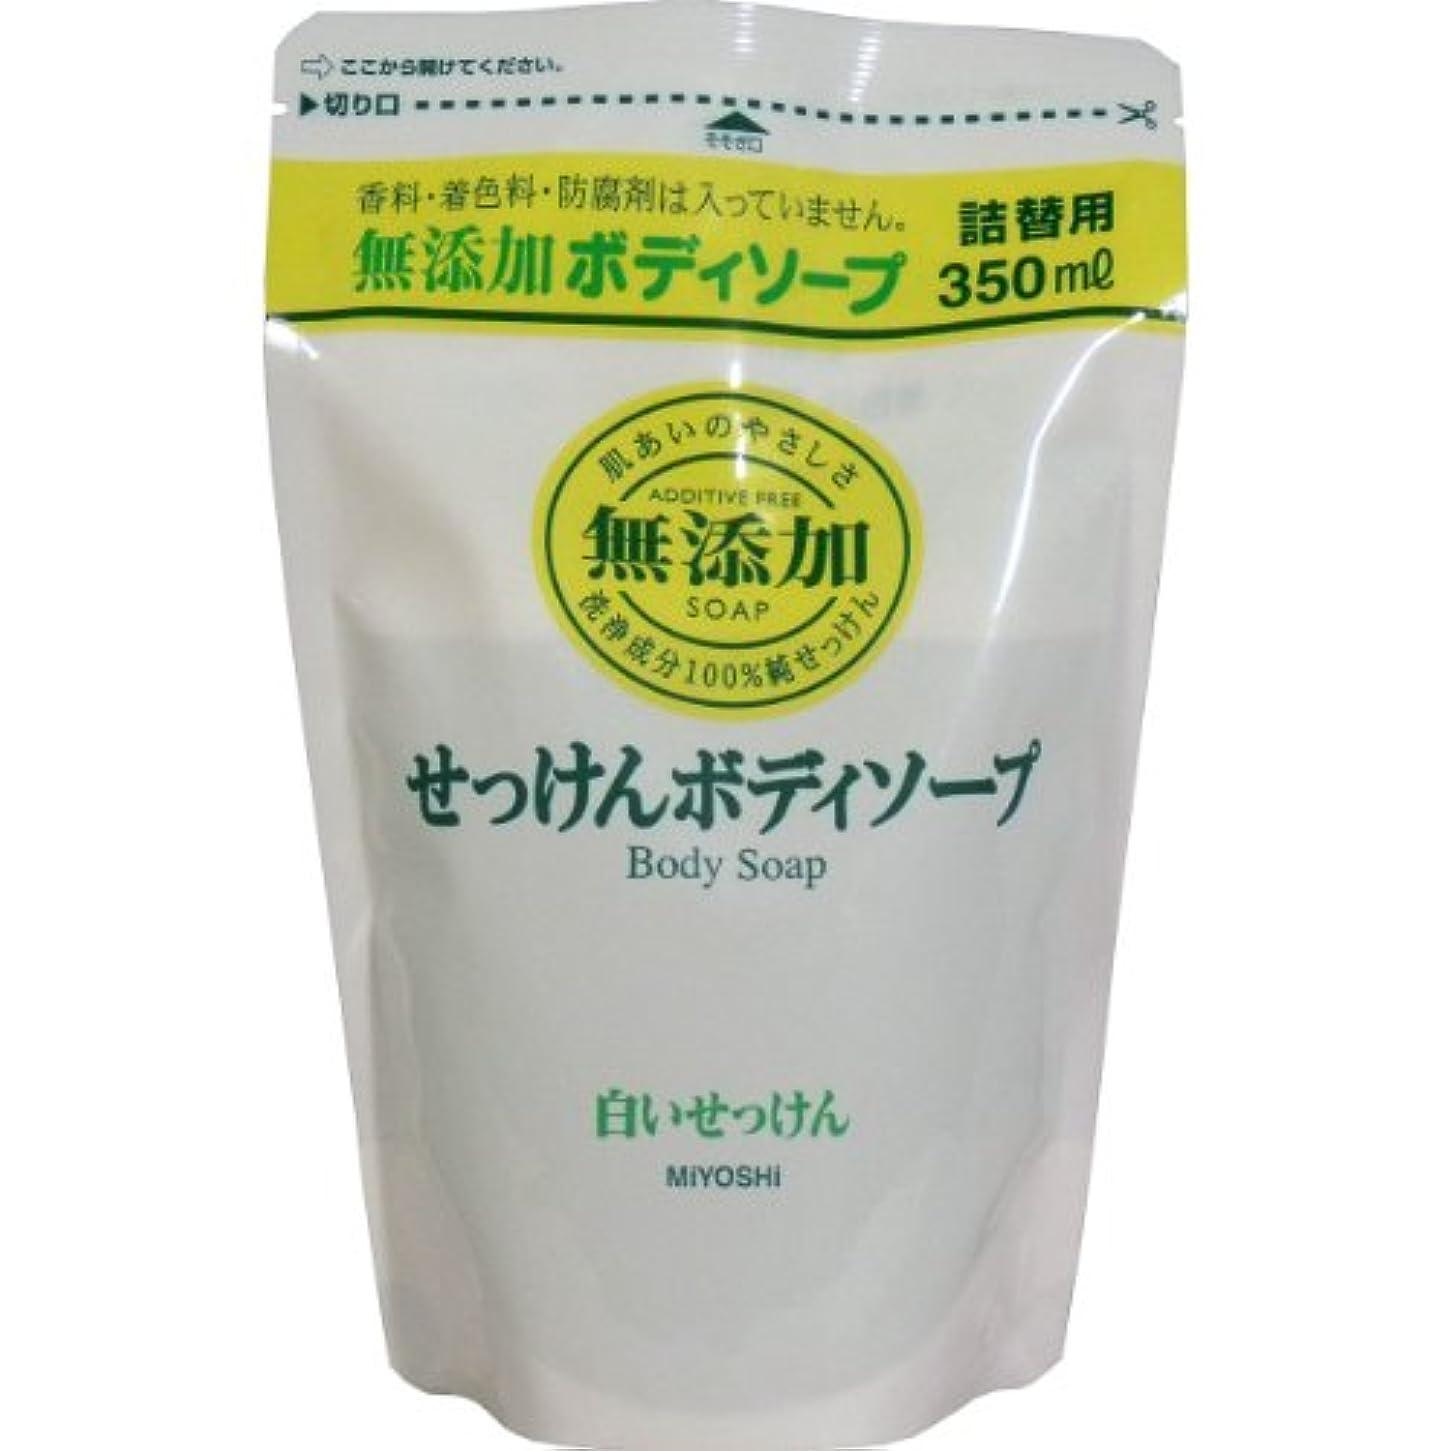 浪費ショッピングセンター宗教的なミヨシ石鹸 無添加 ボディソープ 白い石けん つめかえ用 350ml×20個セット(無添加石鹸)